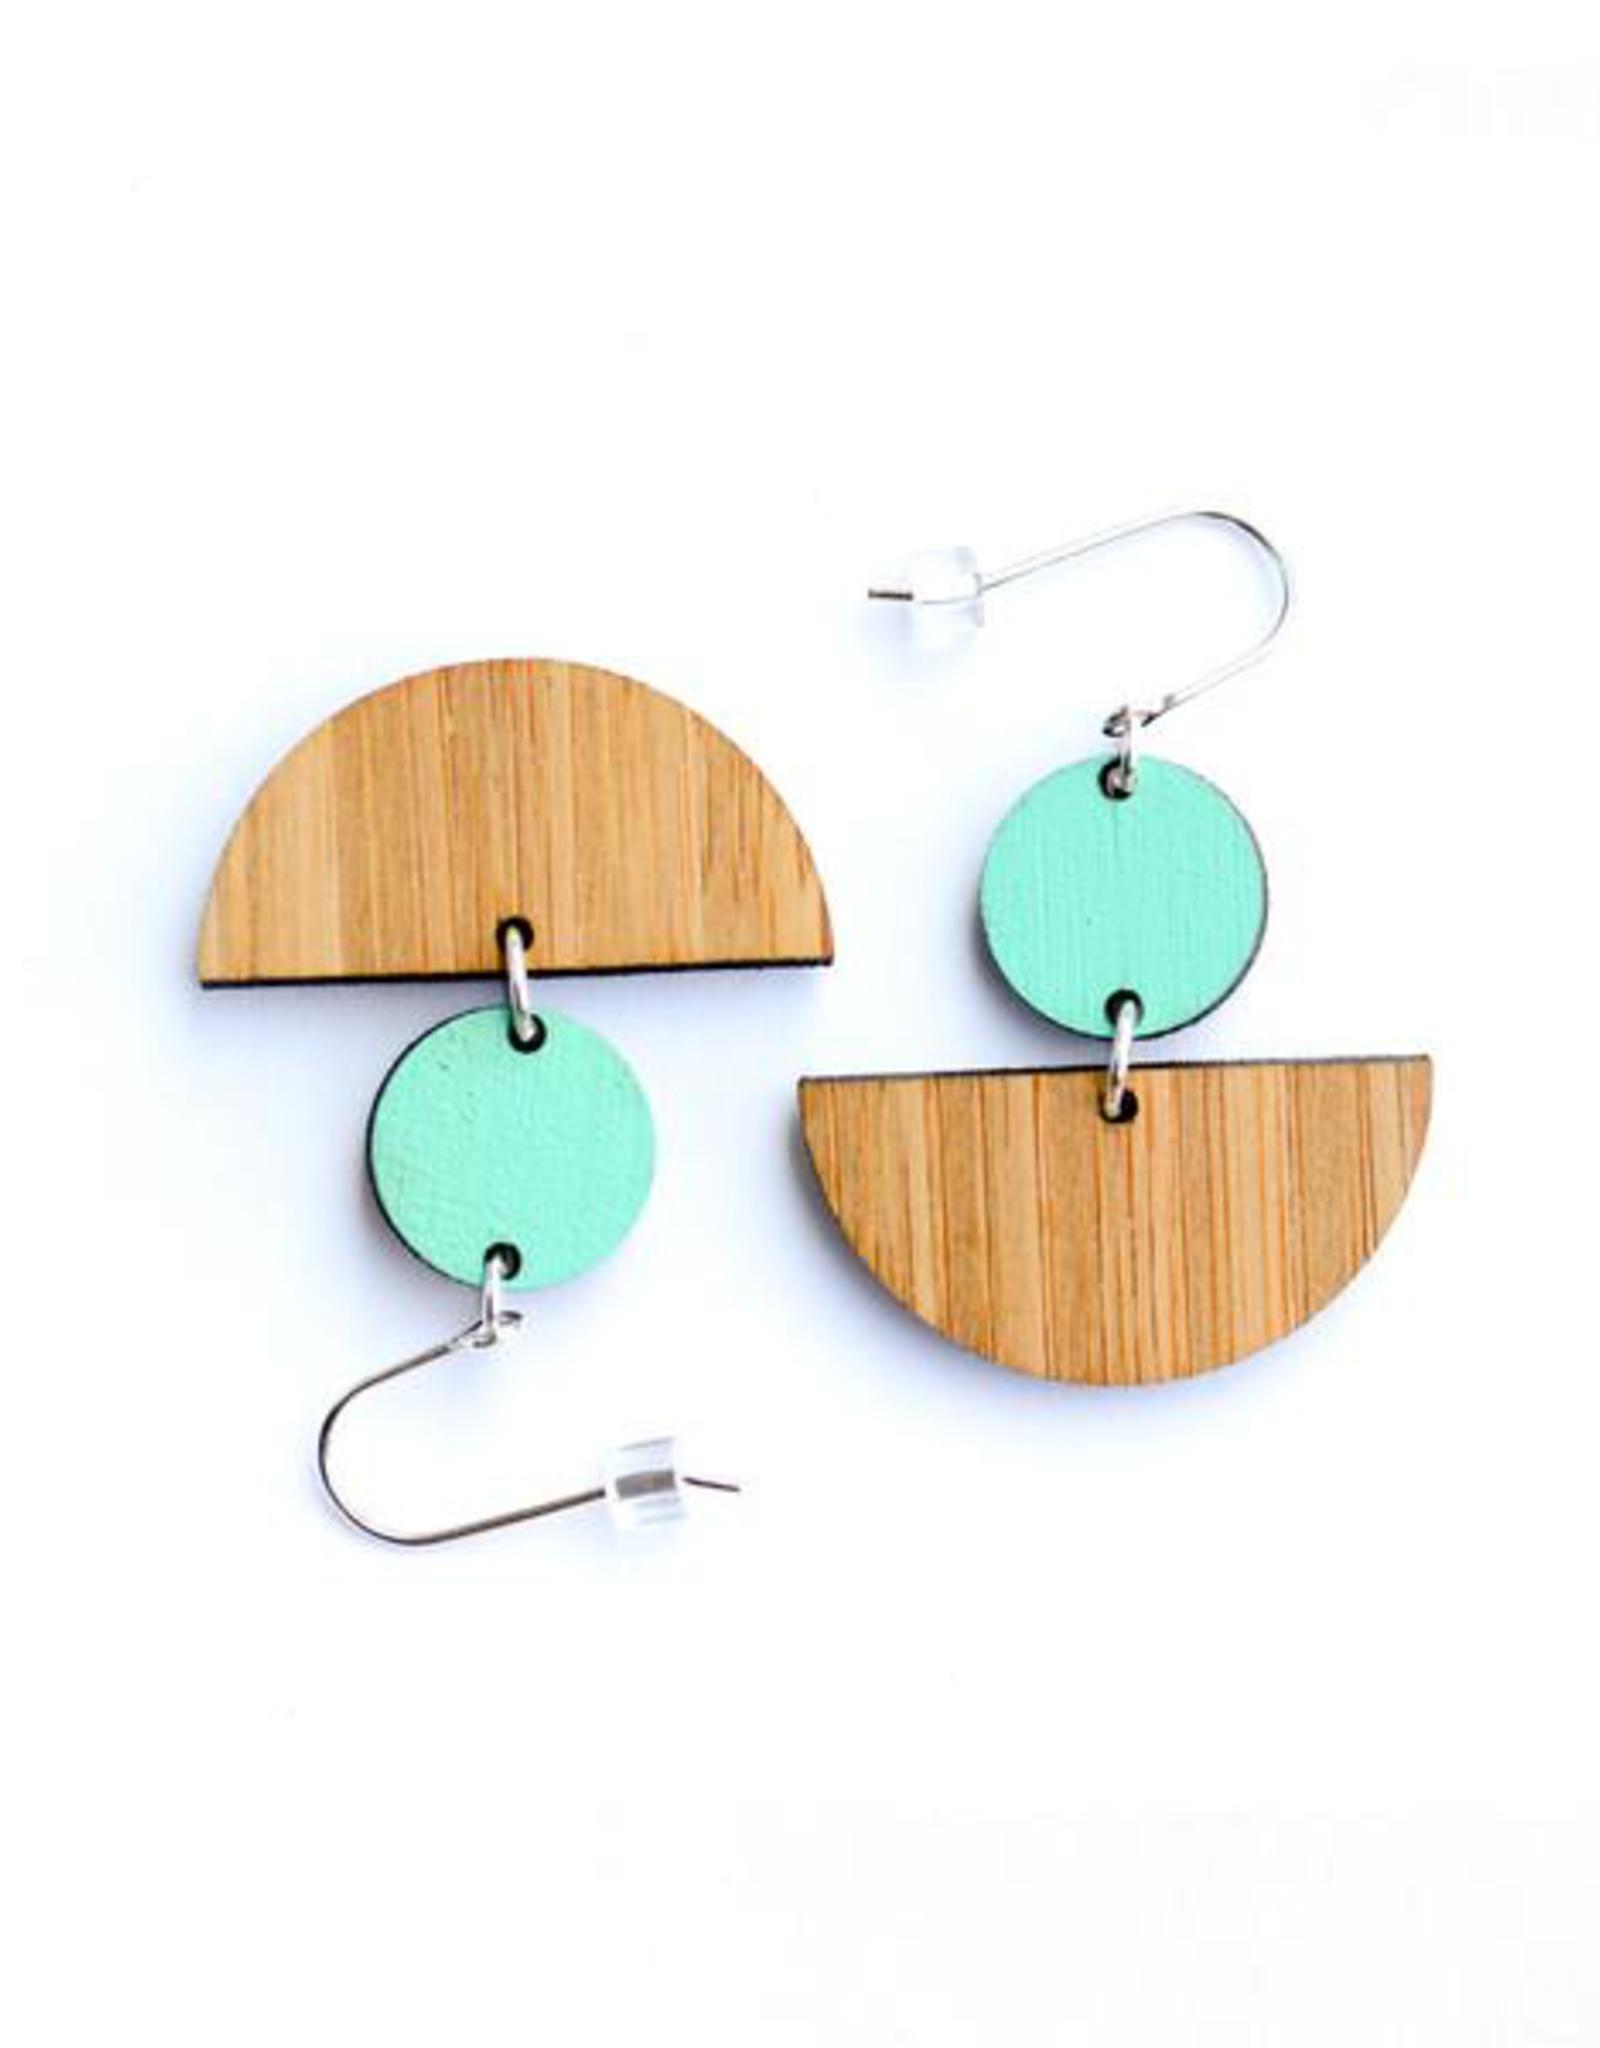 Bamboo Lele Earrings